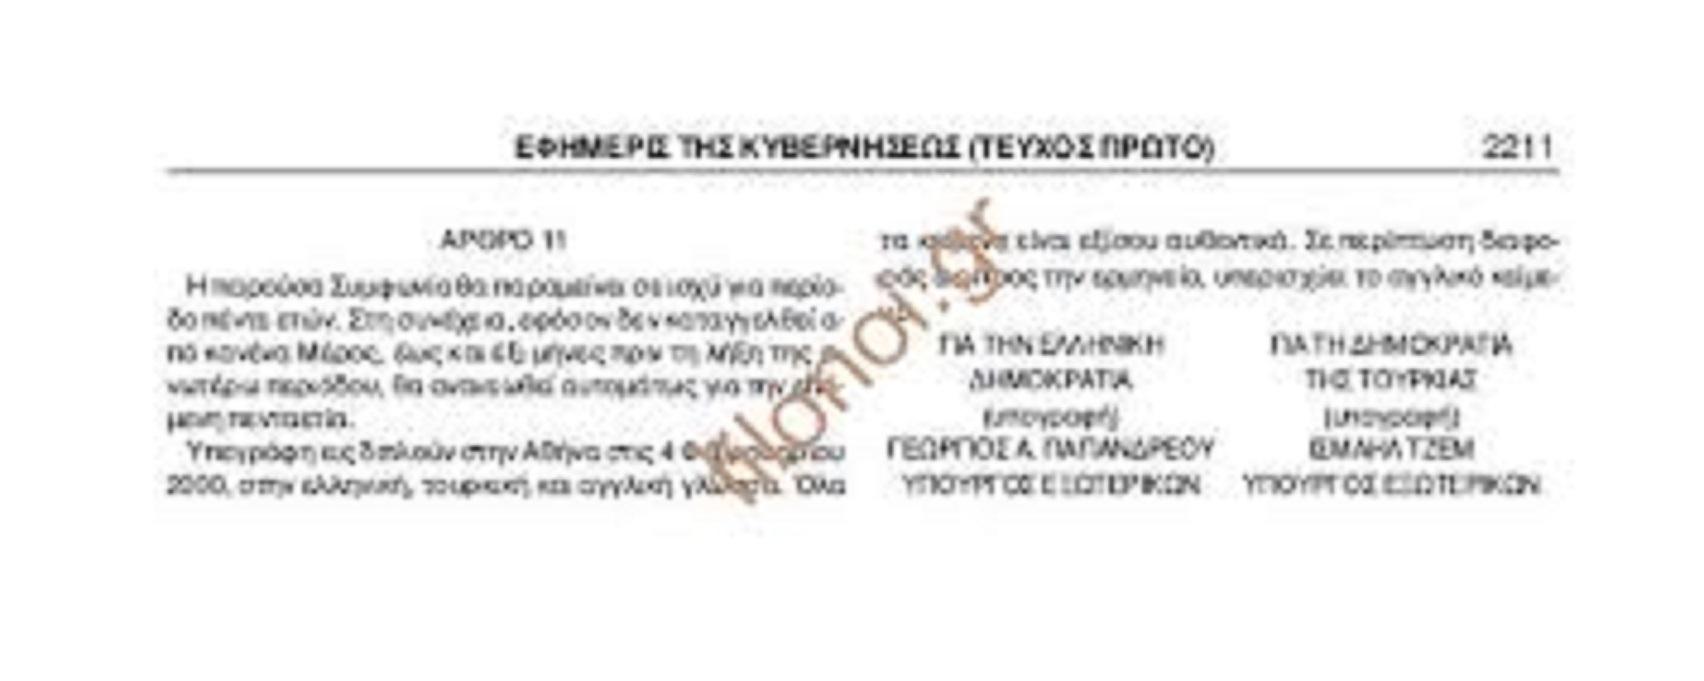 Ὁ ΓΑΠ εἶναι ὑπαίτιος γιά τόν Σουλεϊμάν τόν «μεγαλοπρεπῆ» (ἀνανέωσις)2